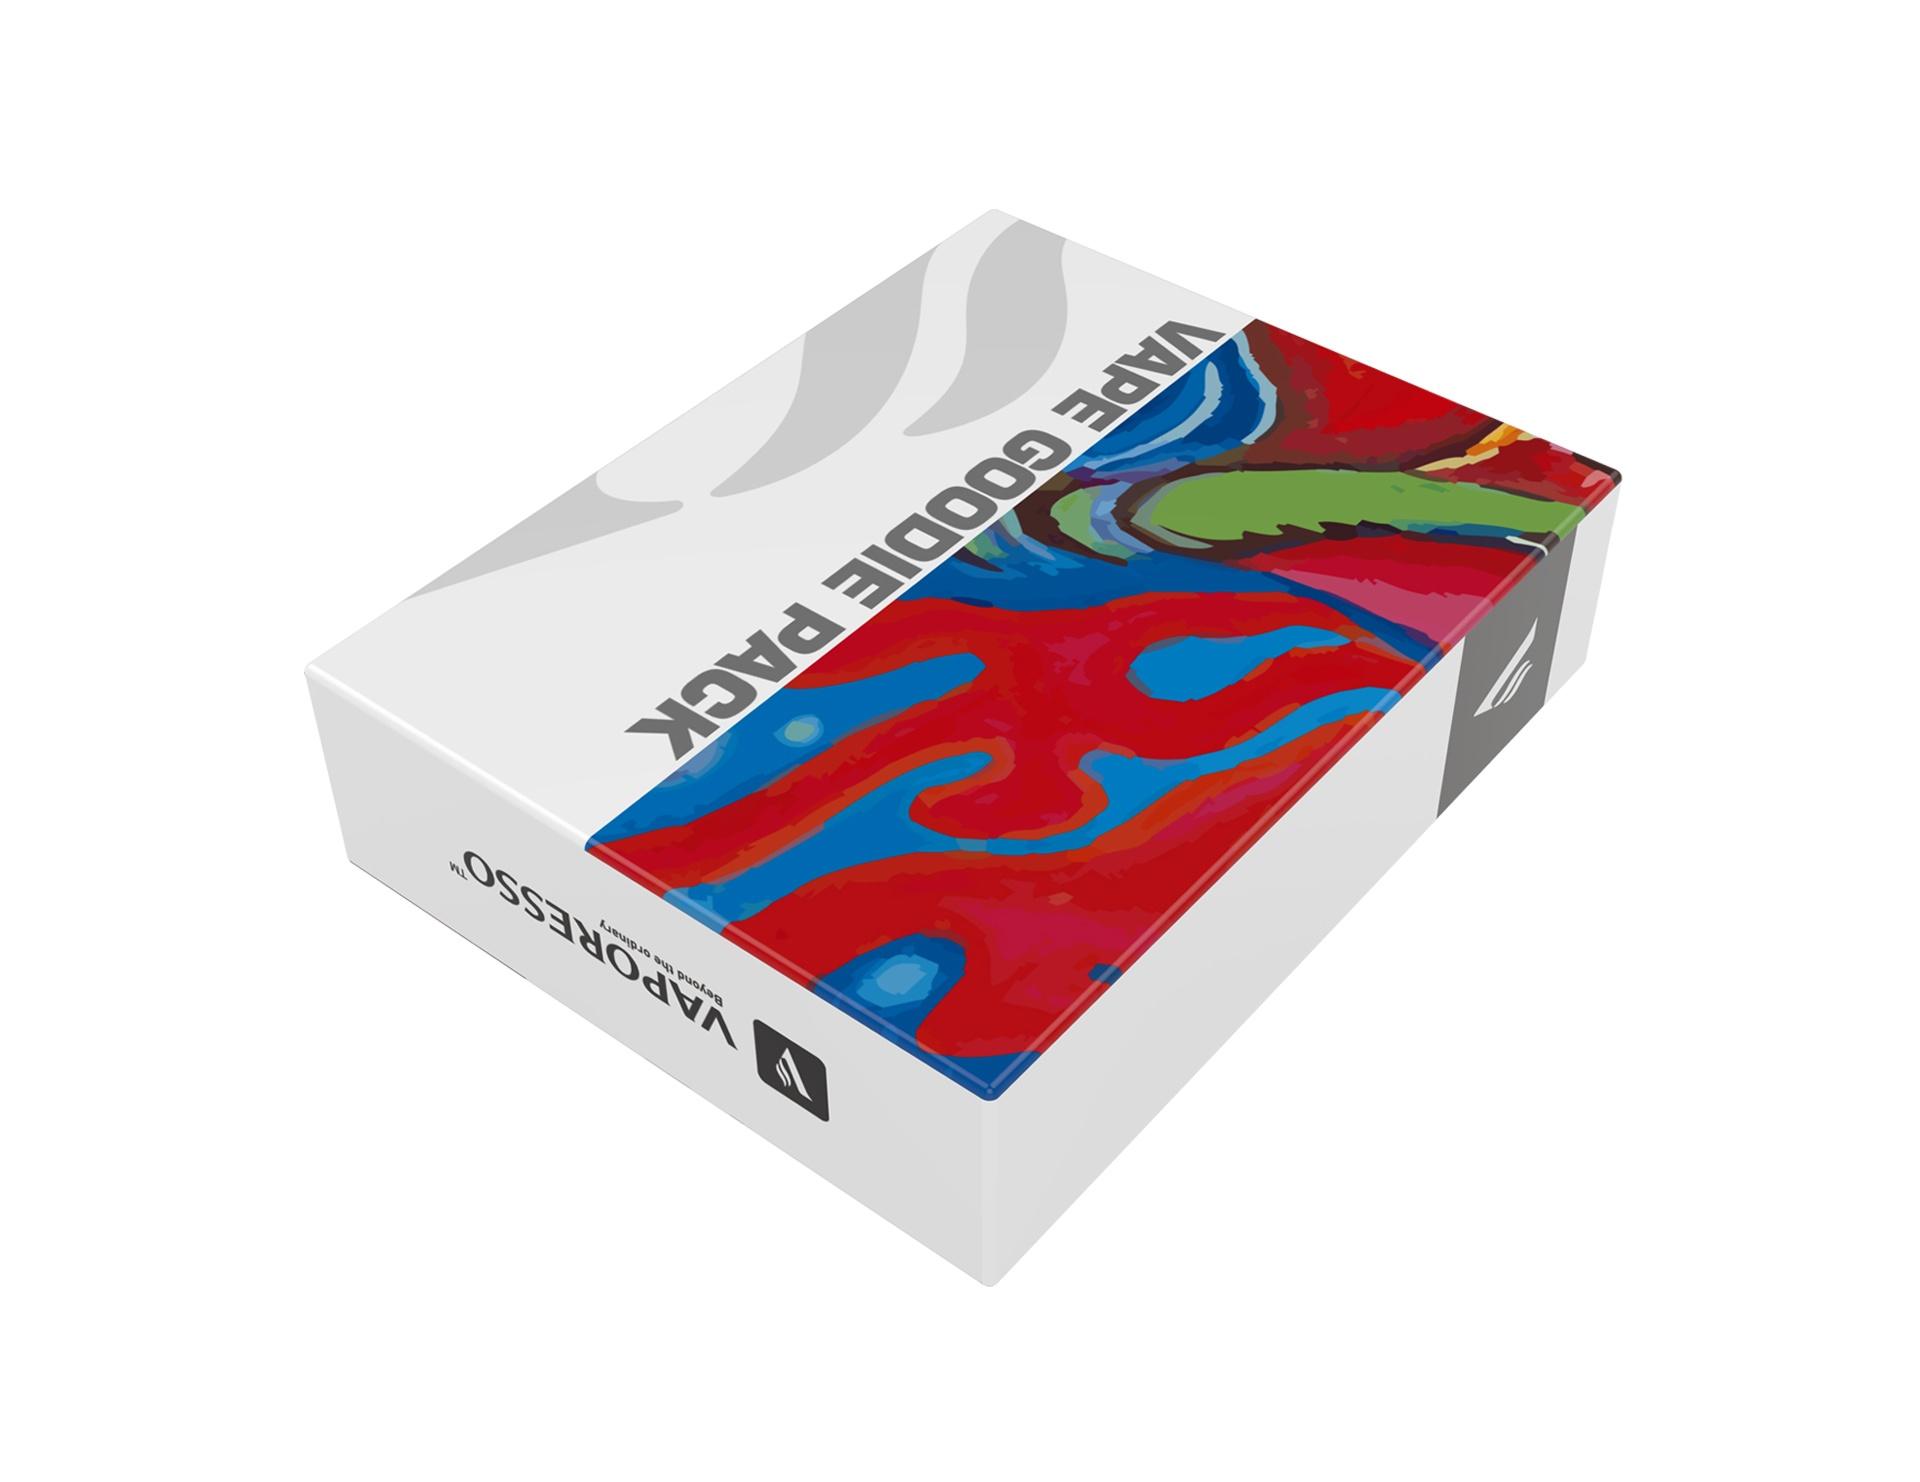 Goodie pack 1.jpg